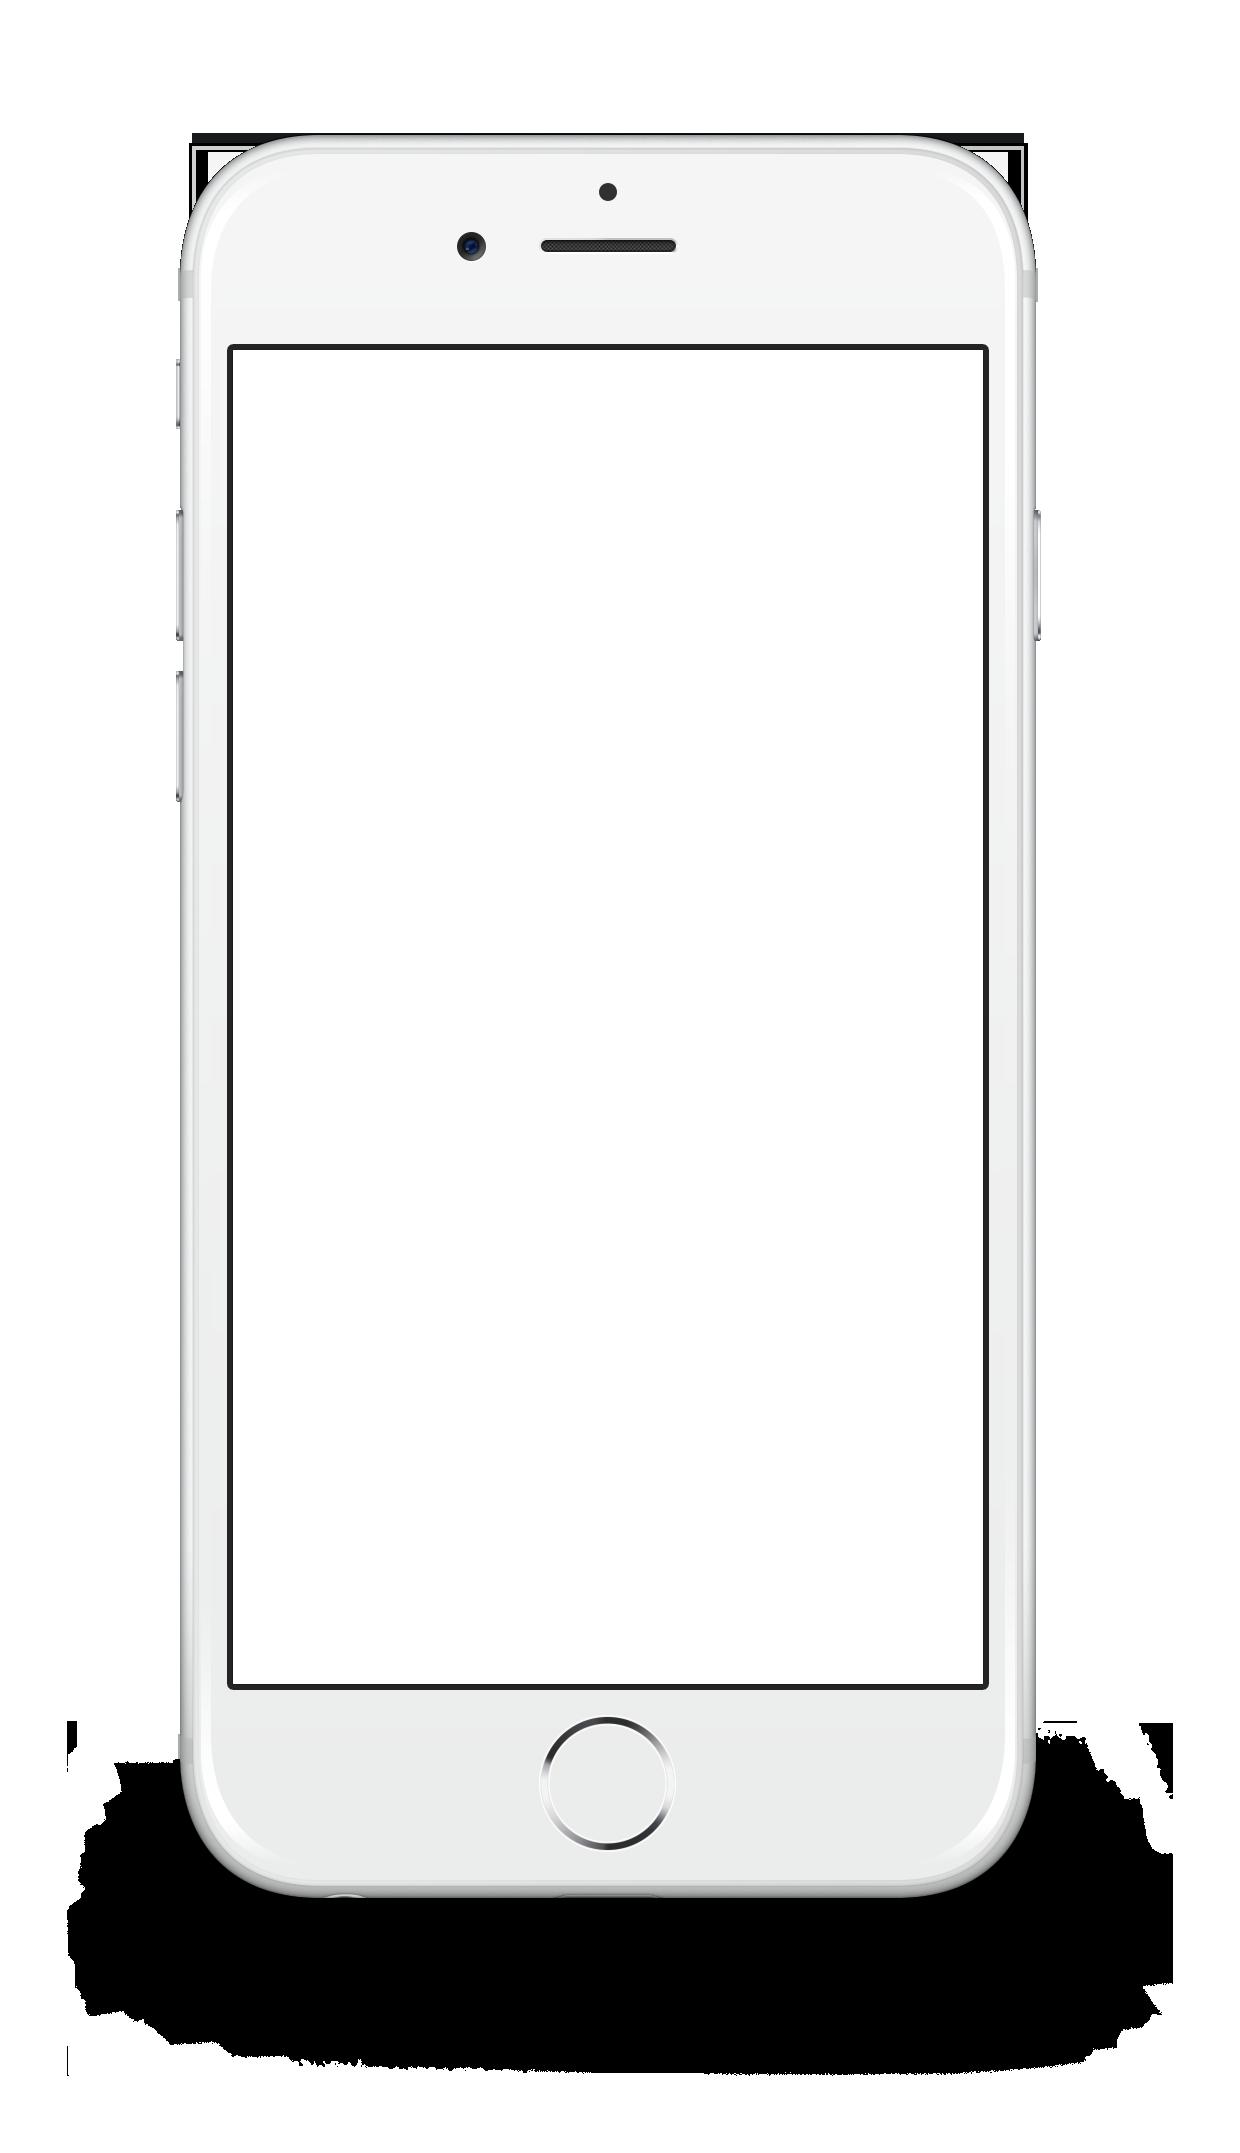 phone imagen